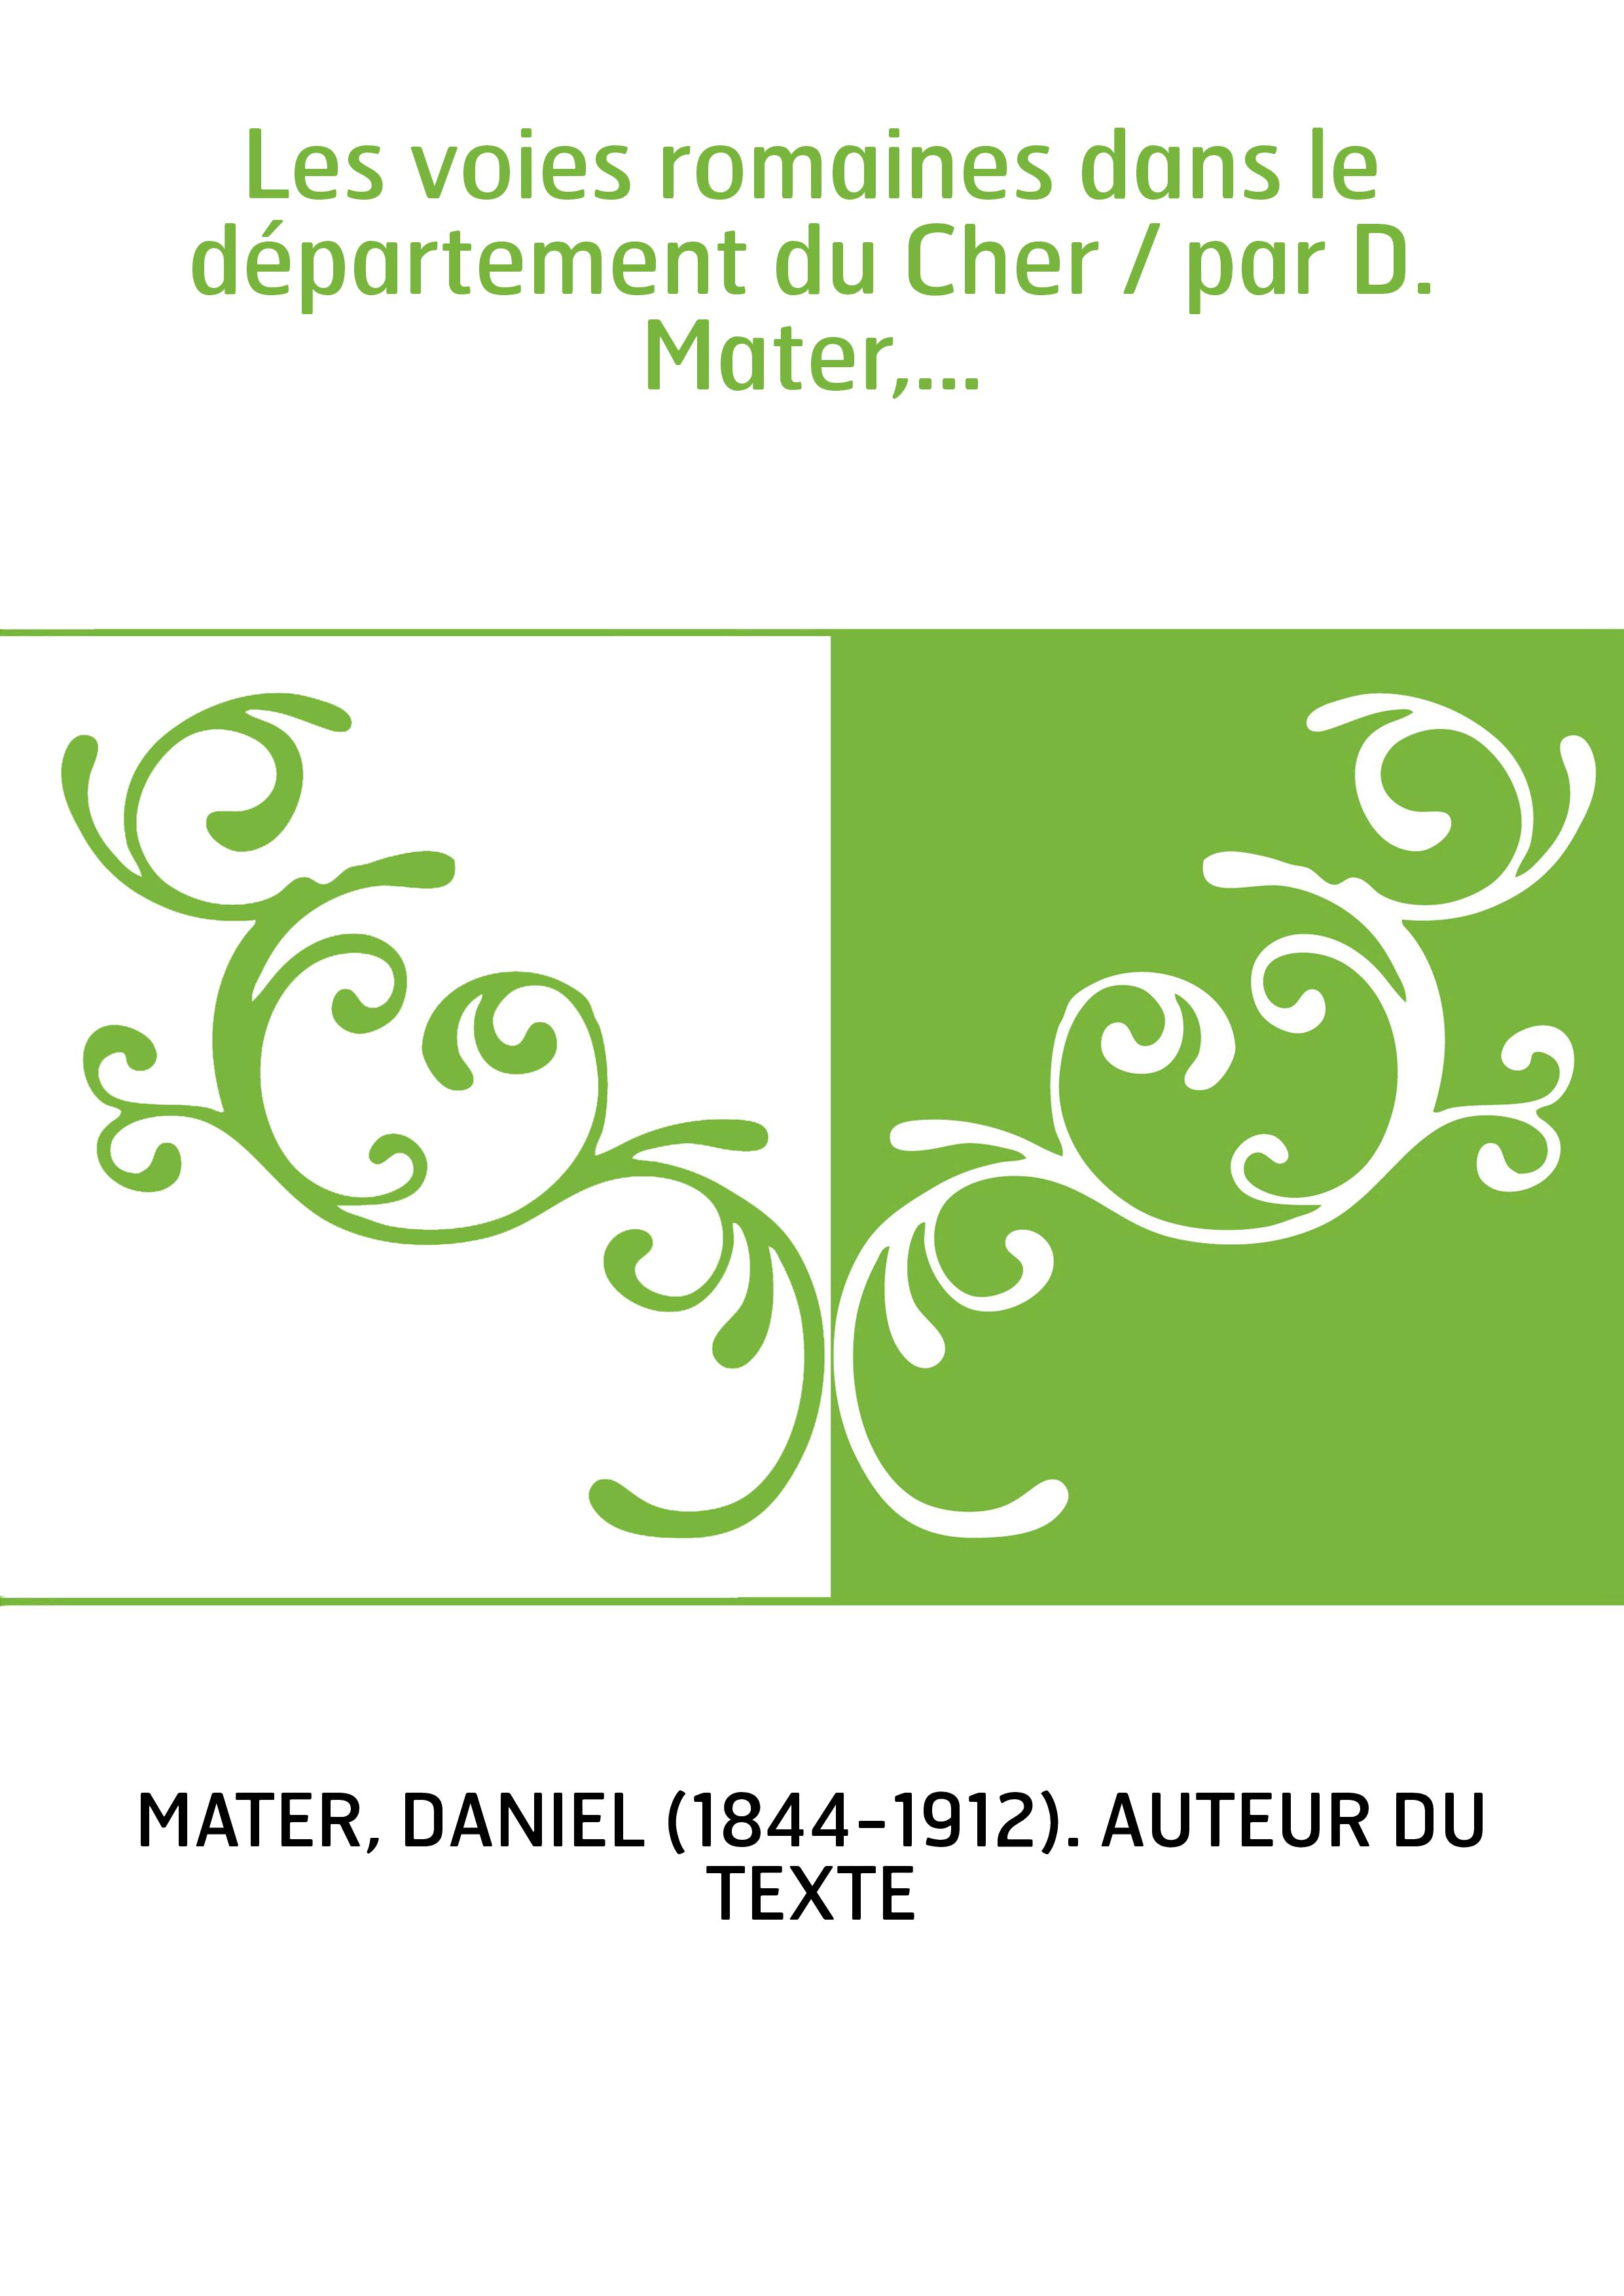 Les voies romaines dans le département du Cher / par D. Mater,...